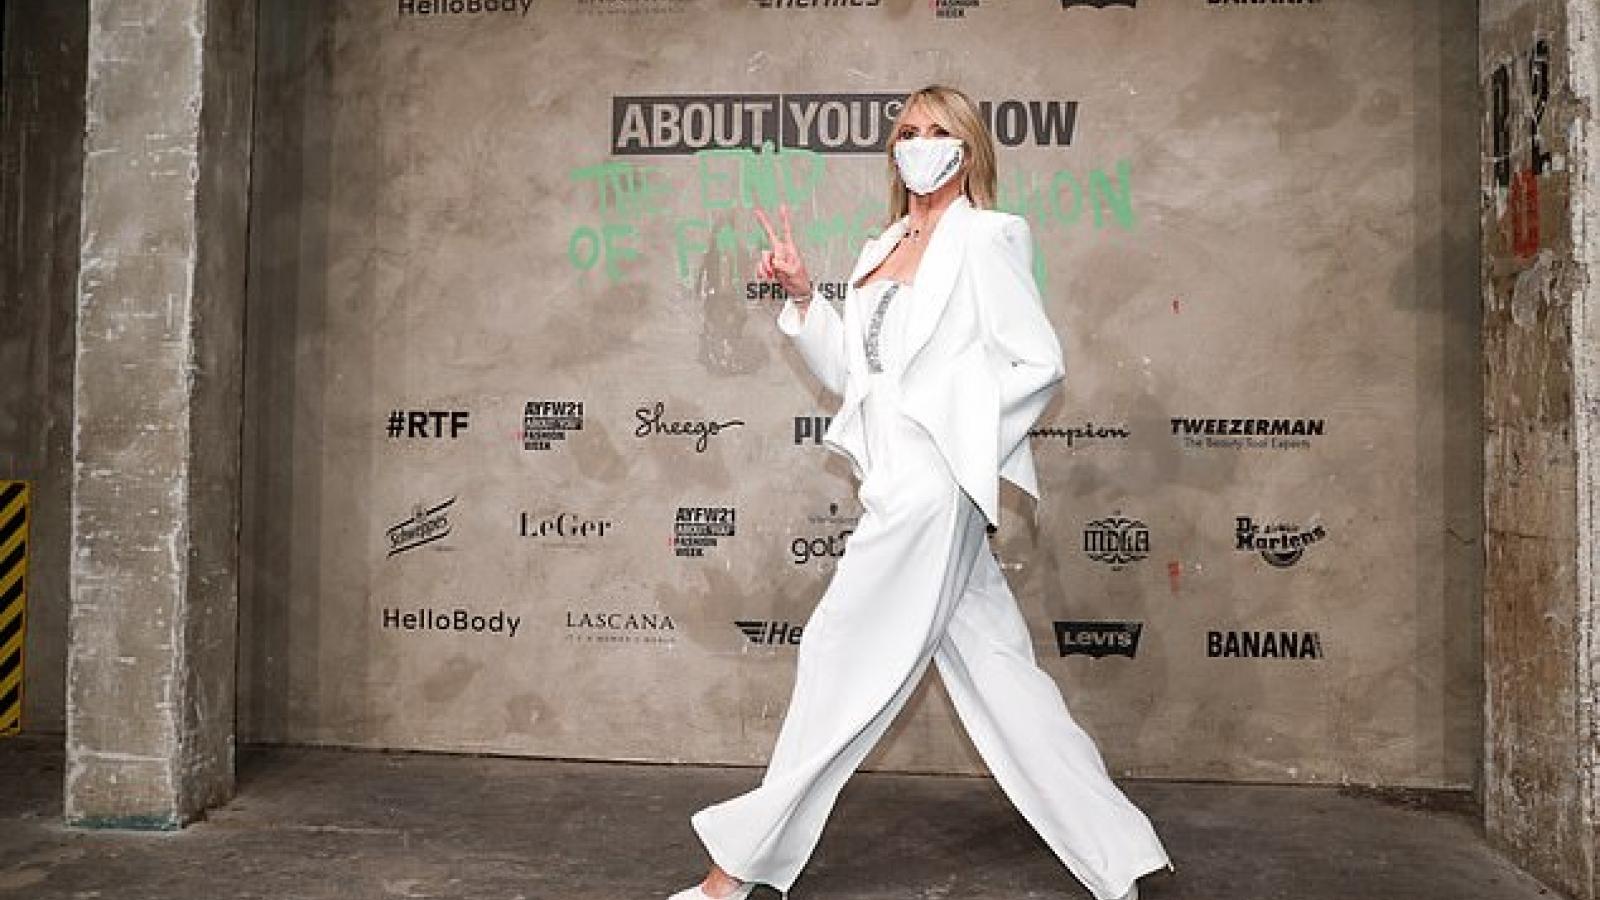 Siêu mẫu Heidi Klum sang trọng, trẻ trung tại sự kiện thời trang